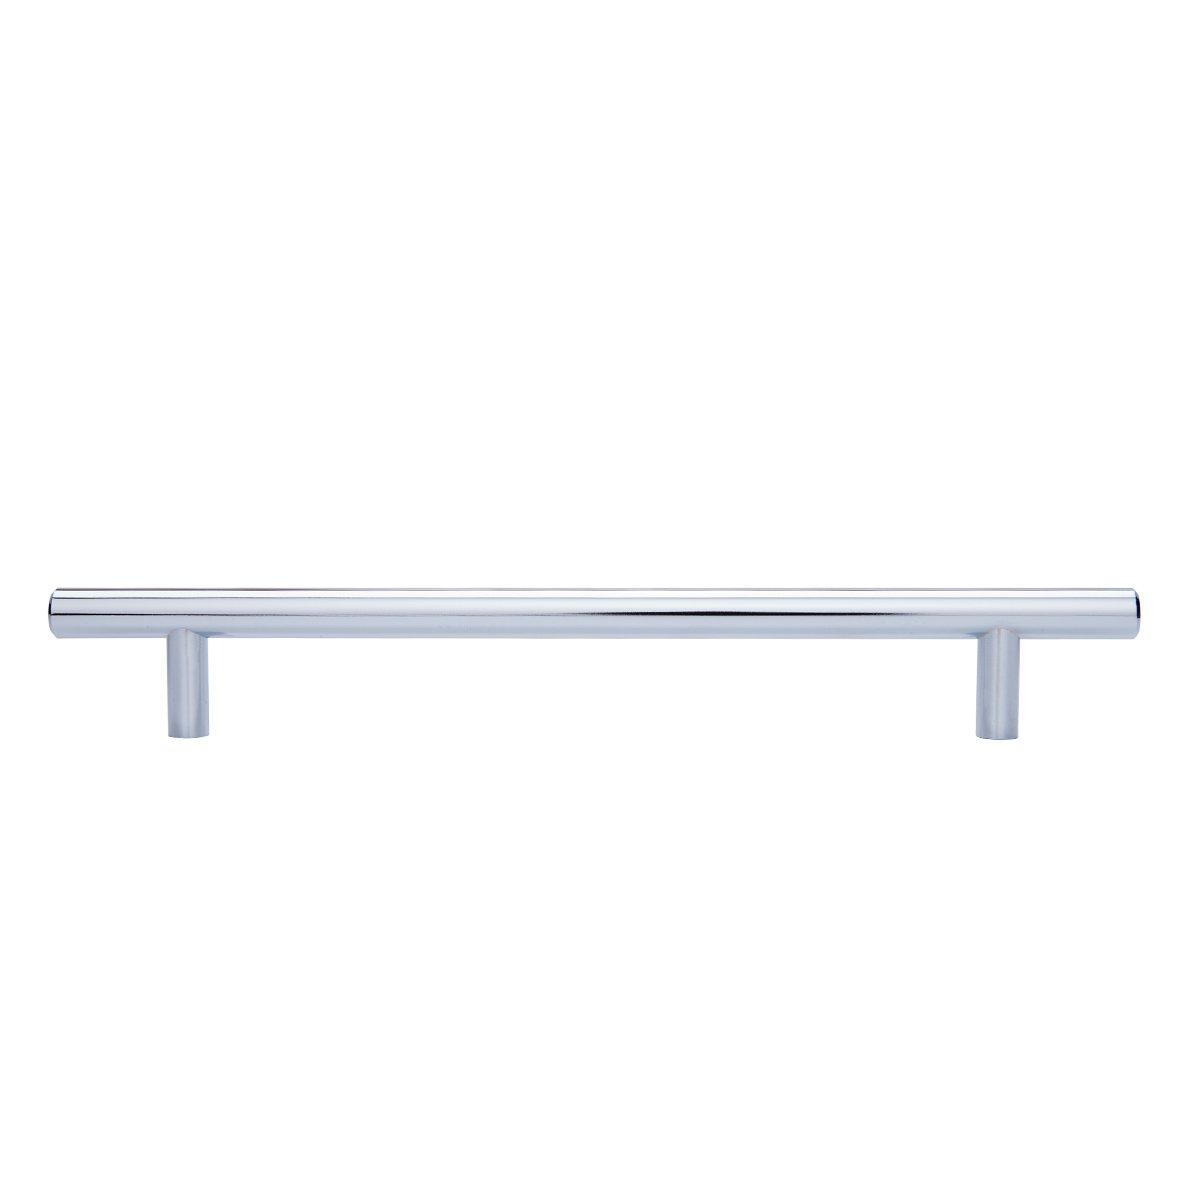 espacement des trous de 8,89 cm Longueur/: 14,93 cm diam/ètre 12,7/mm Noir Basics Lot de 10 poign/ées de placard Barres style europ/éen